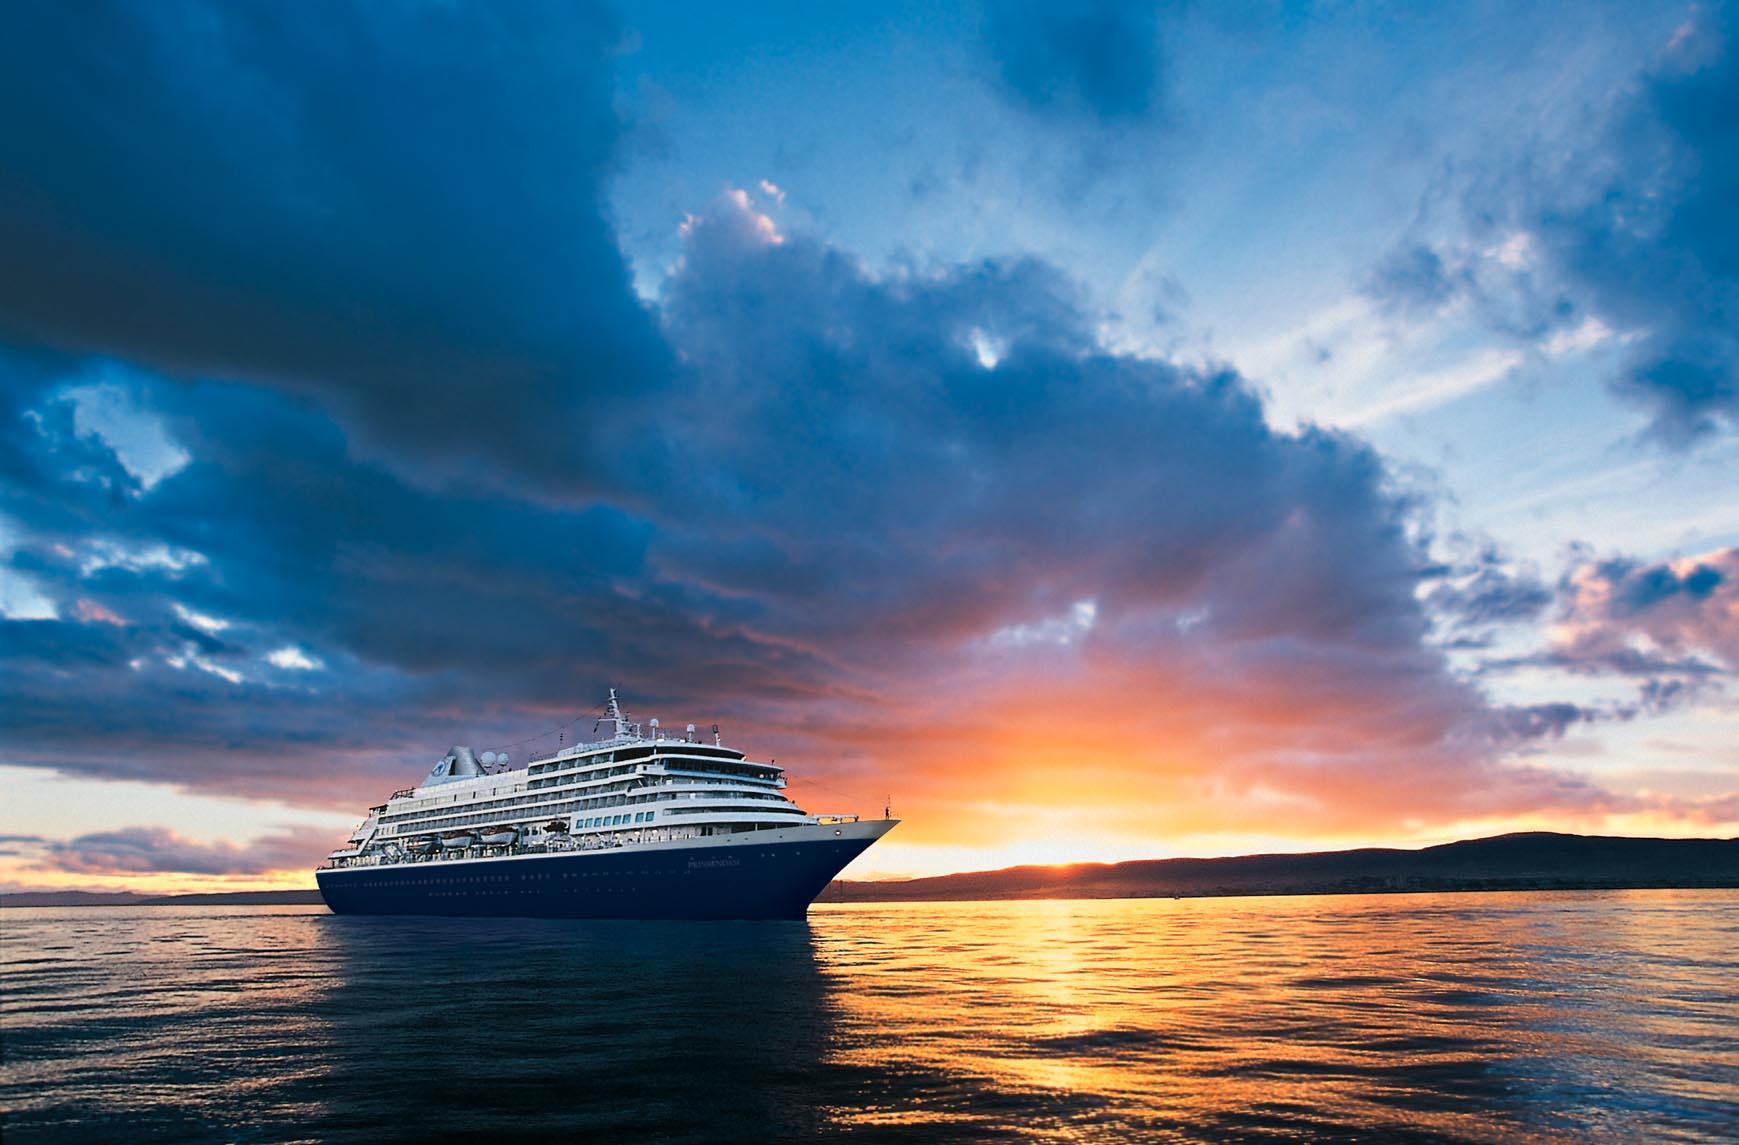 Viajes de Mexicanos por crucero crecerán 5% en 2017